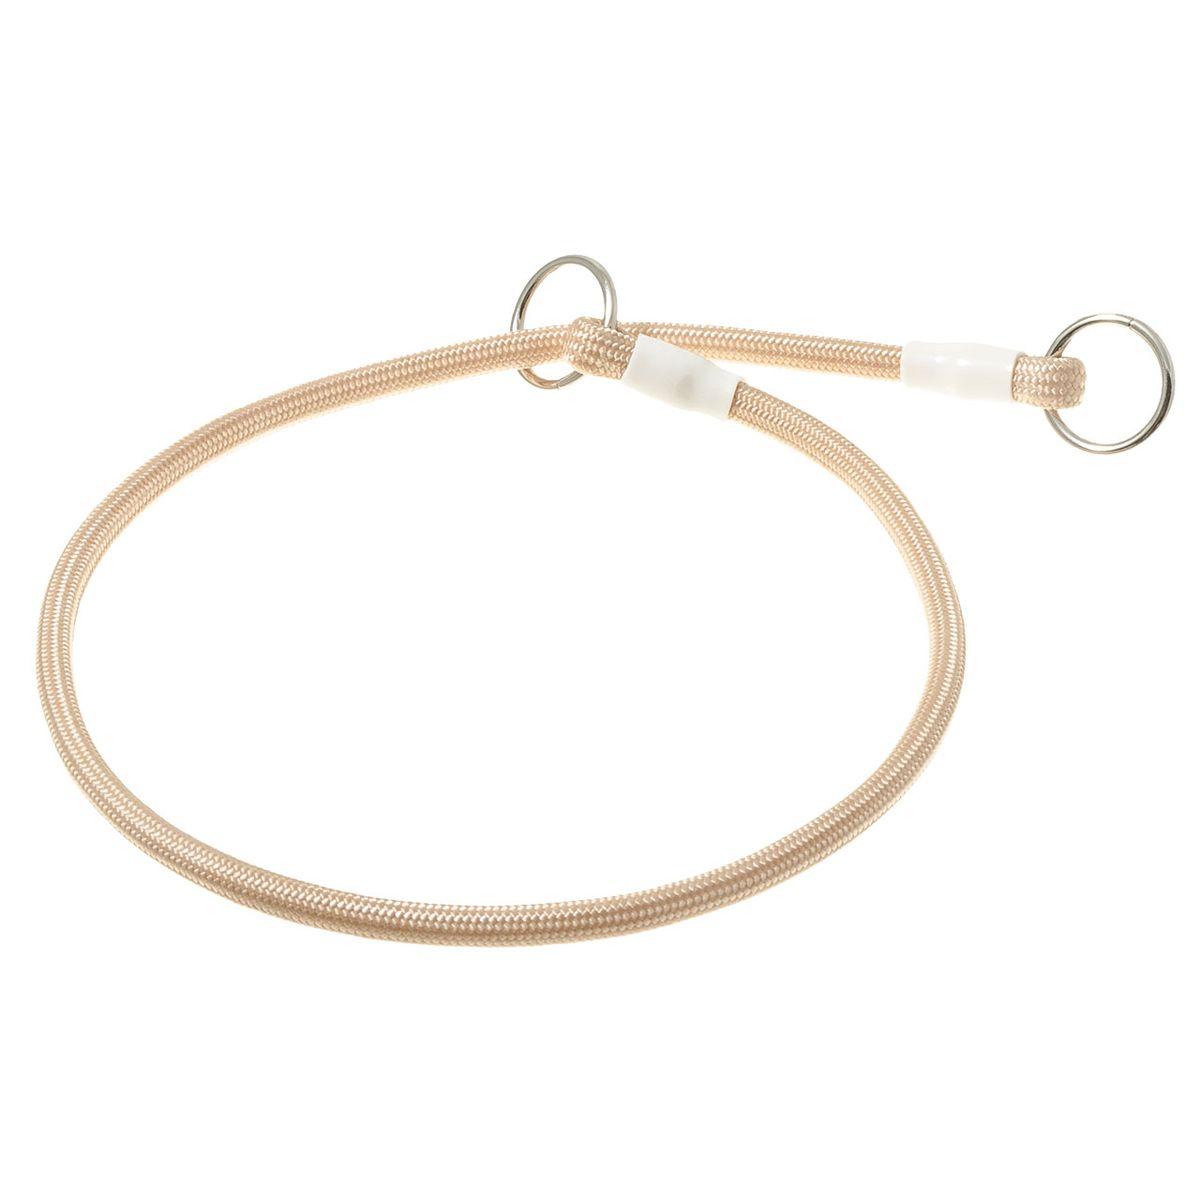 Ошейник-удавка с 2-я кольцами круглый 6мм*50см (слоновая кость)76-2227